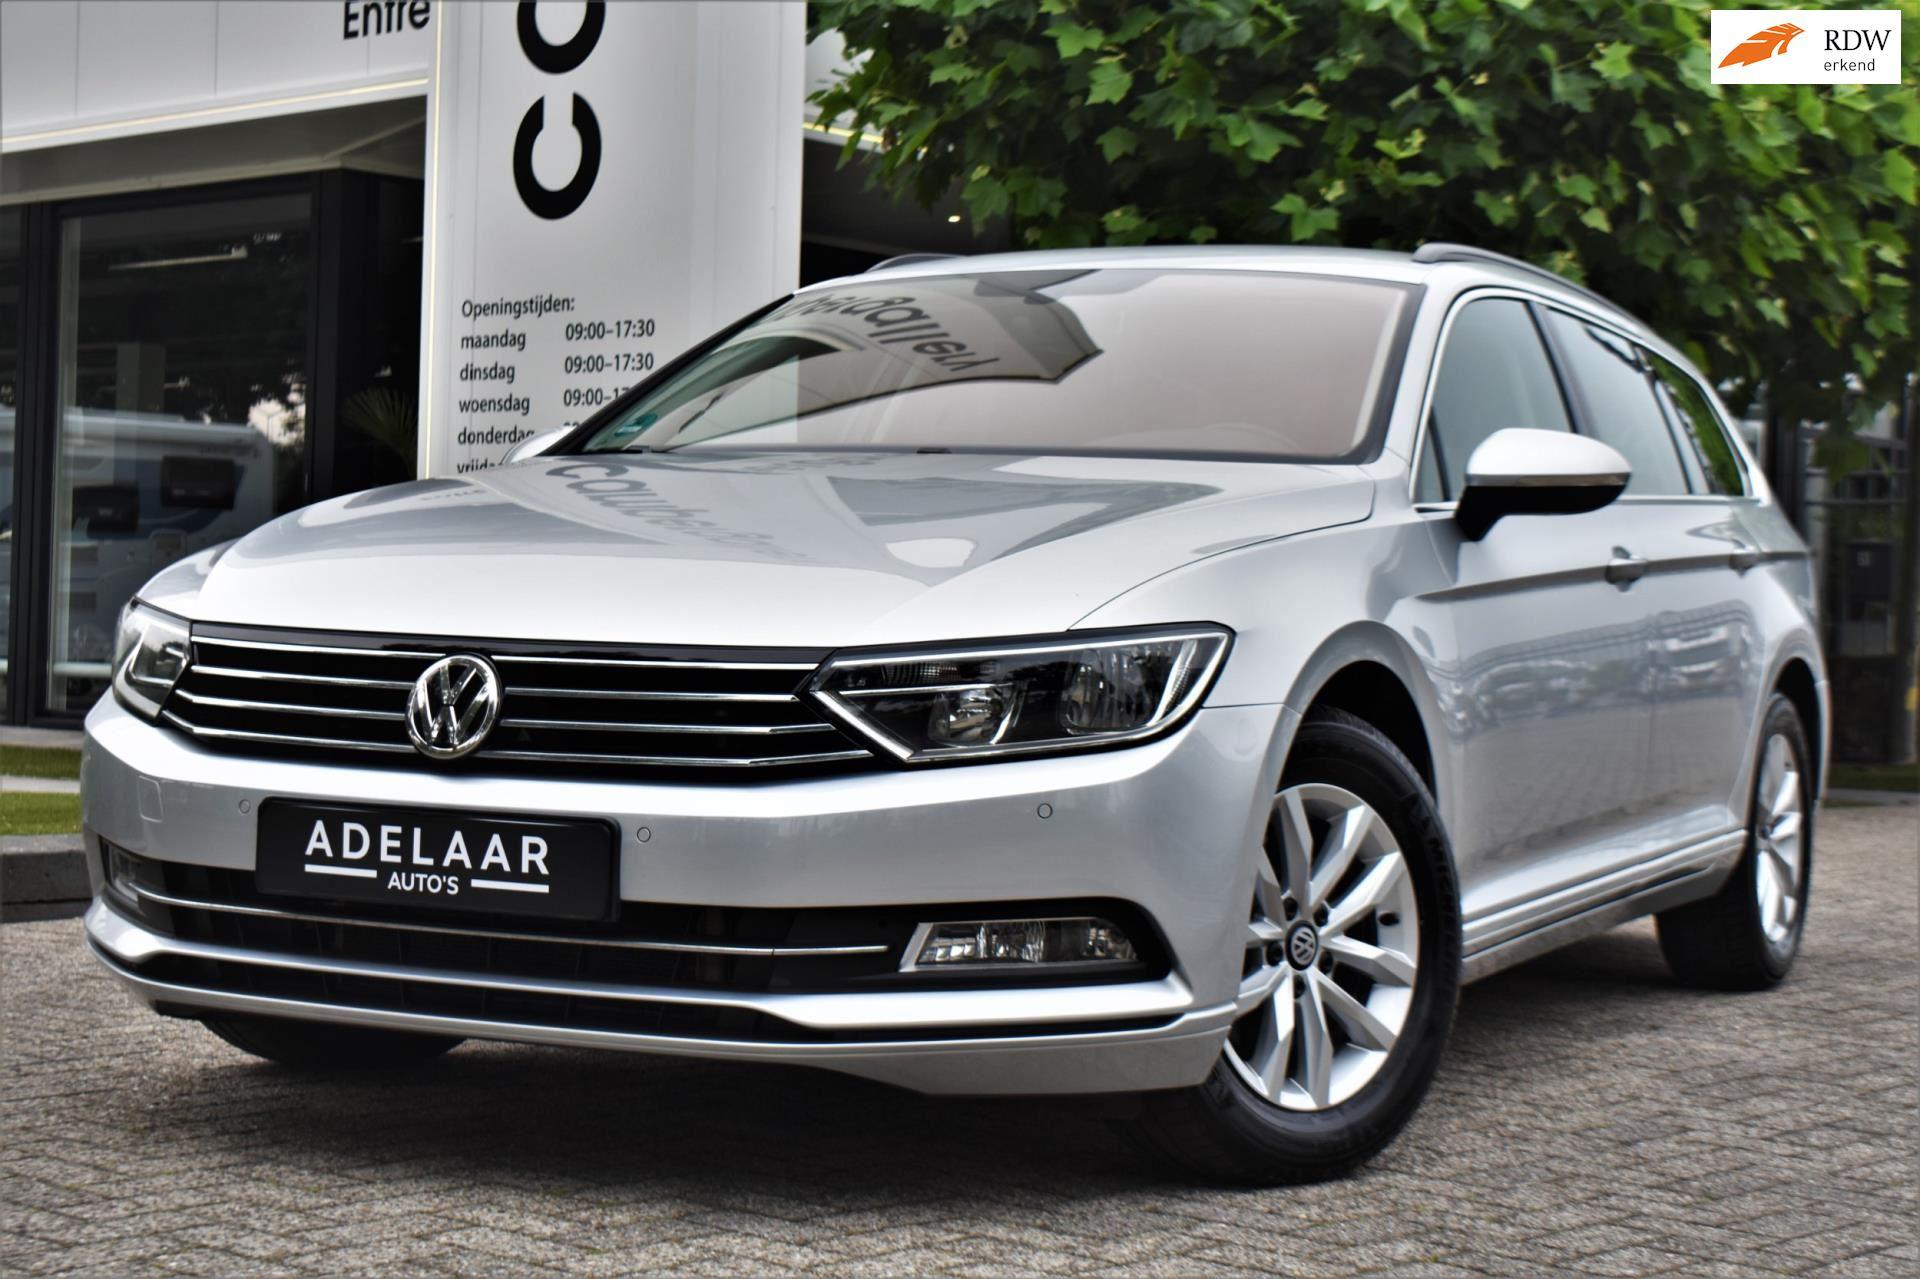 Volkswagen Passat Variant occasion - Car Gallery de Adelaar